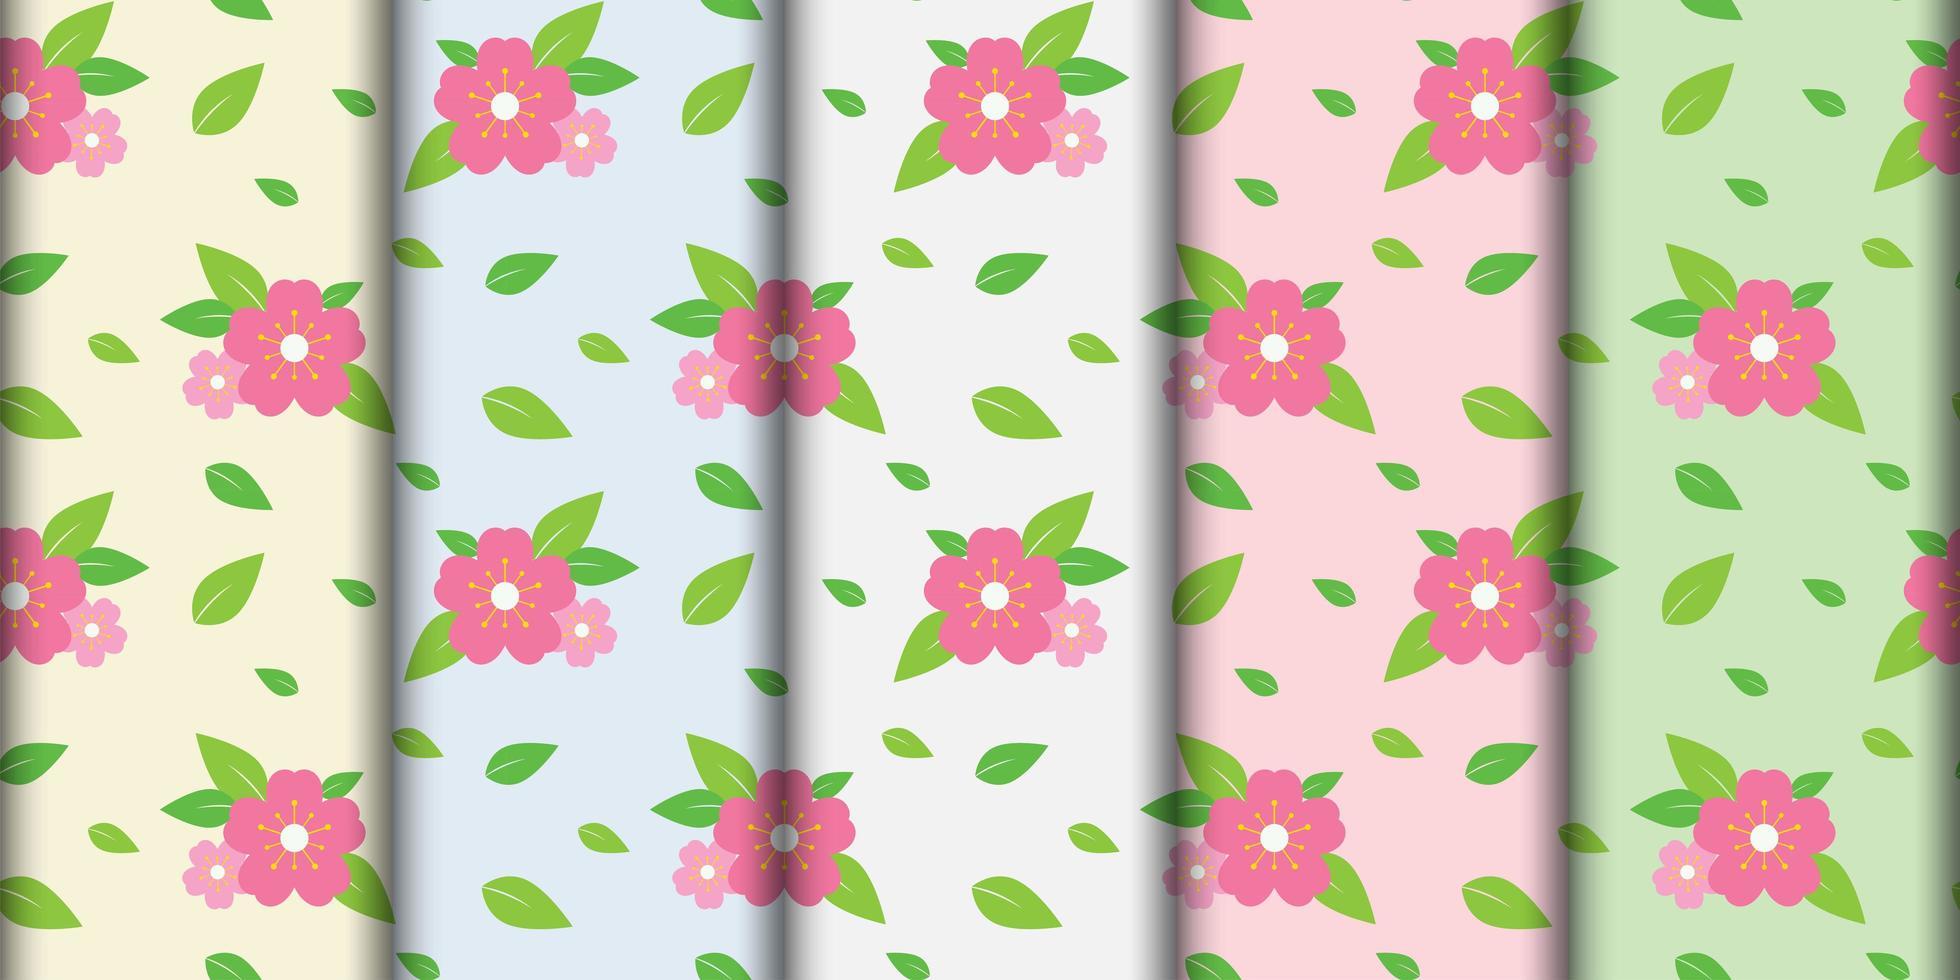 conjunto de padrão de flor rosa sem costura vetor